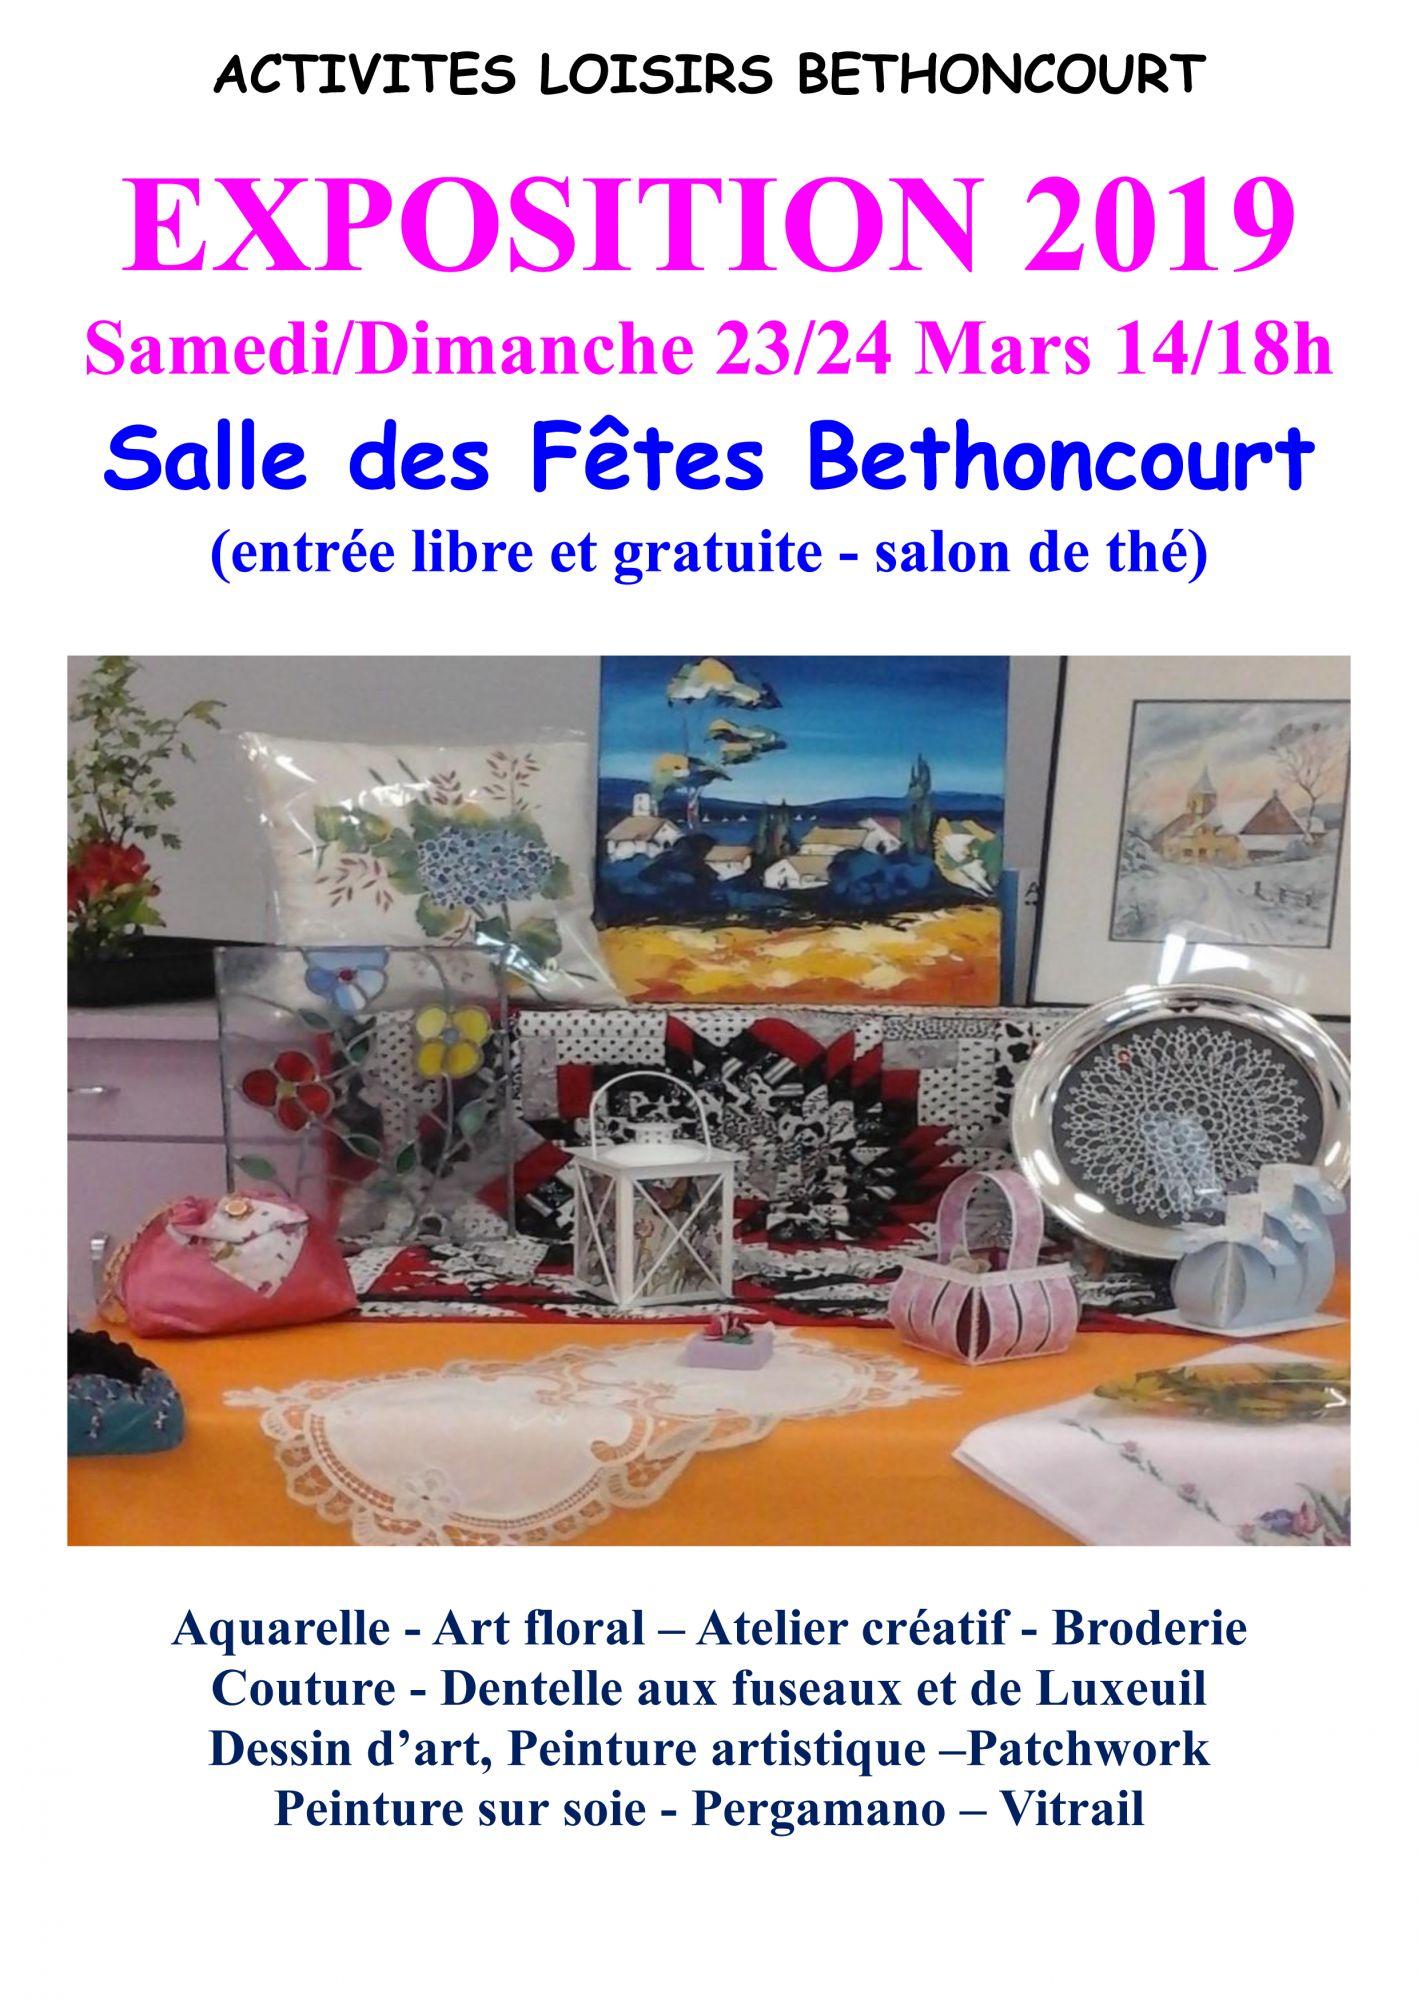 Cours De Dessin Montbéliard exposition activités loisirs bethoncourt - mairie de